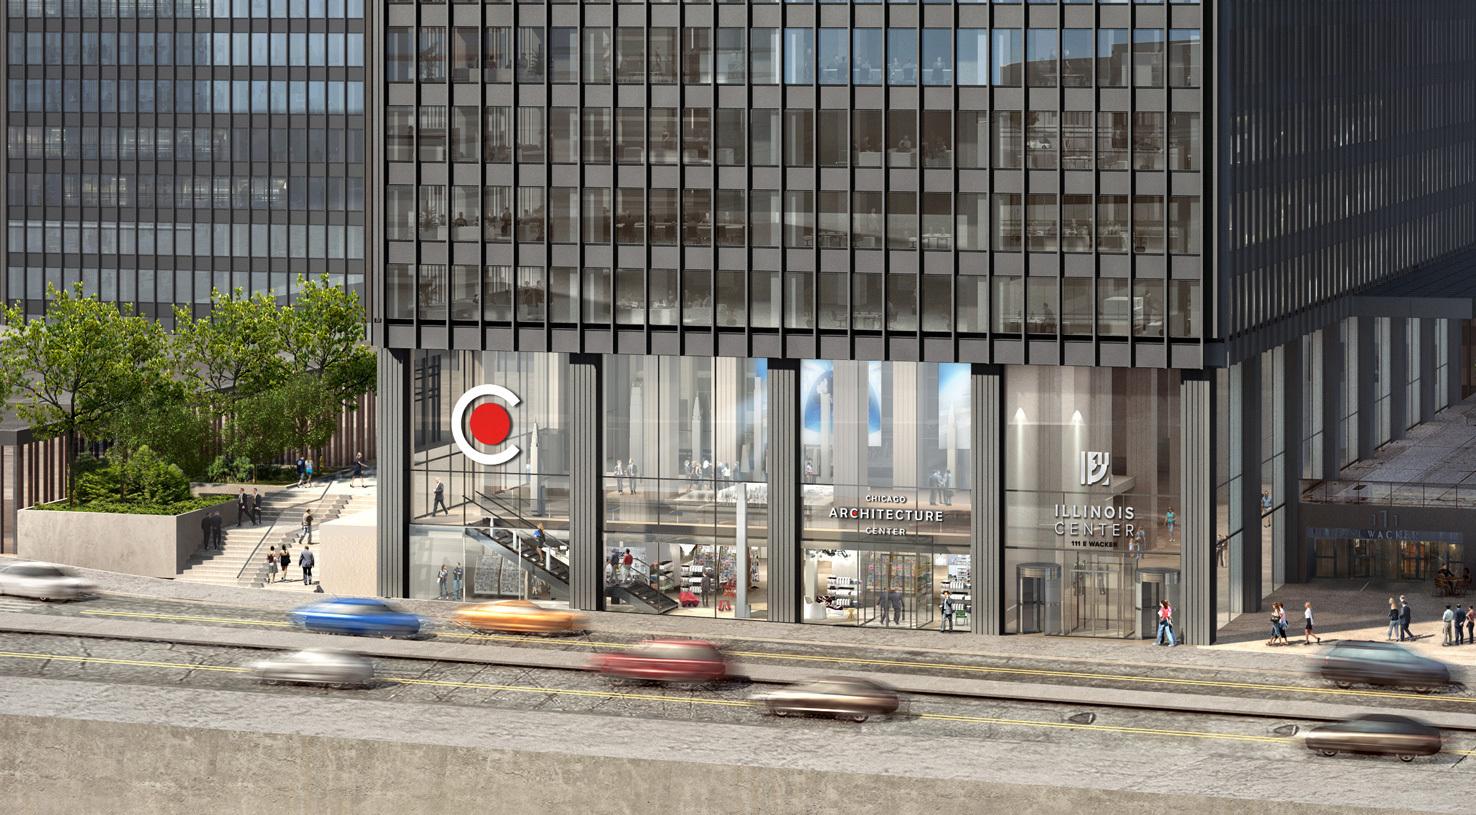 Novo Centro de Arquitetura de Chicago será inaugurado em 2018